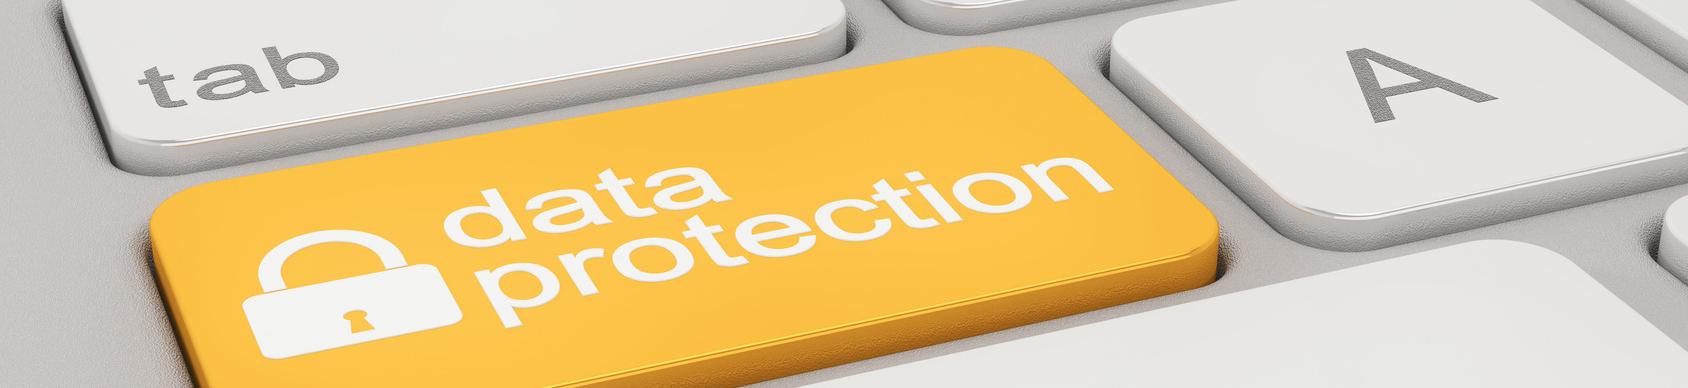 gesprodat_proteccion